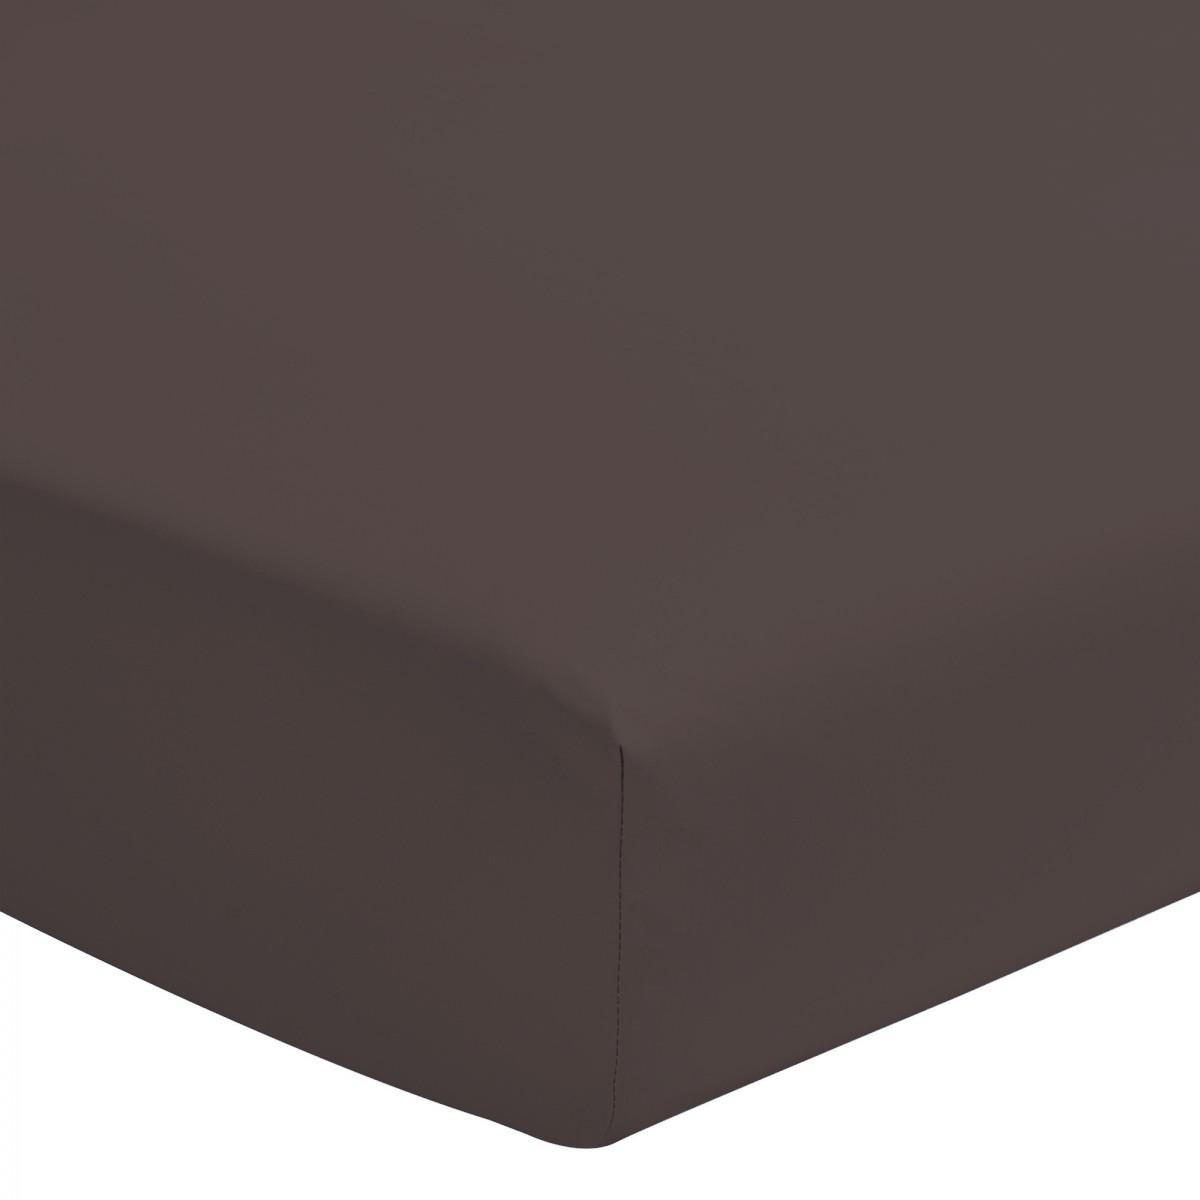 Drap Housse Uni 100% Coton Bonnet 30cm Chocolat 140x200cm